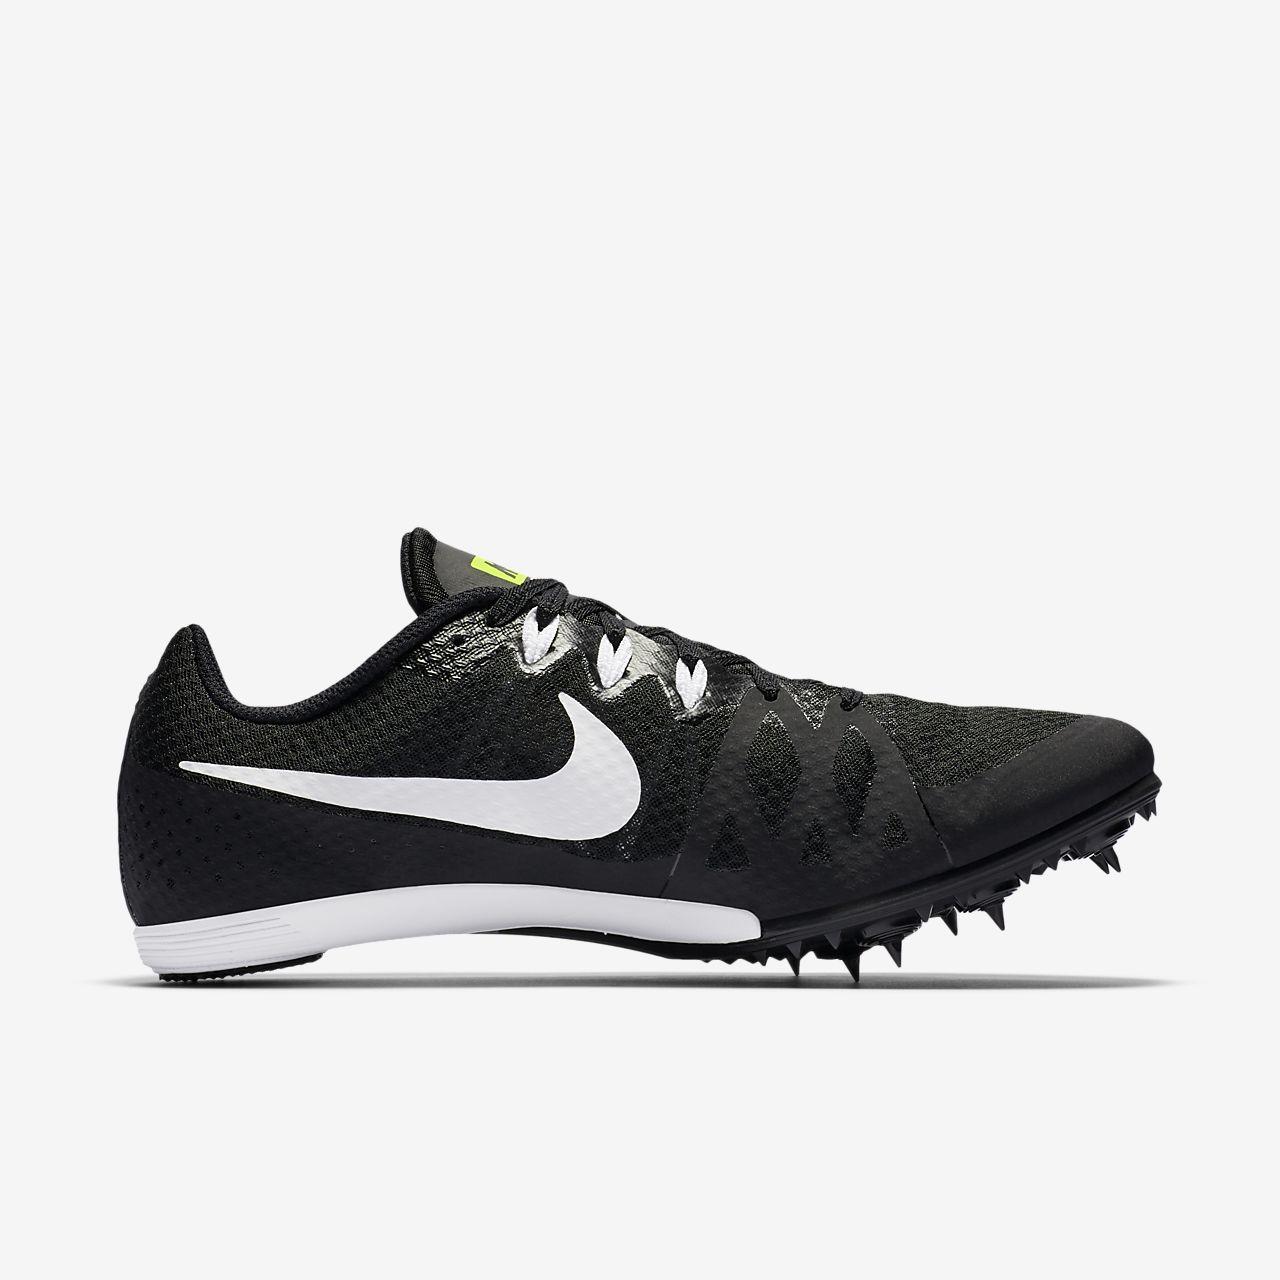 ... Nike Zoom Rival M 8 Zapatillas con clavos de carrera - Unisex